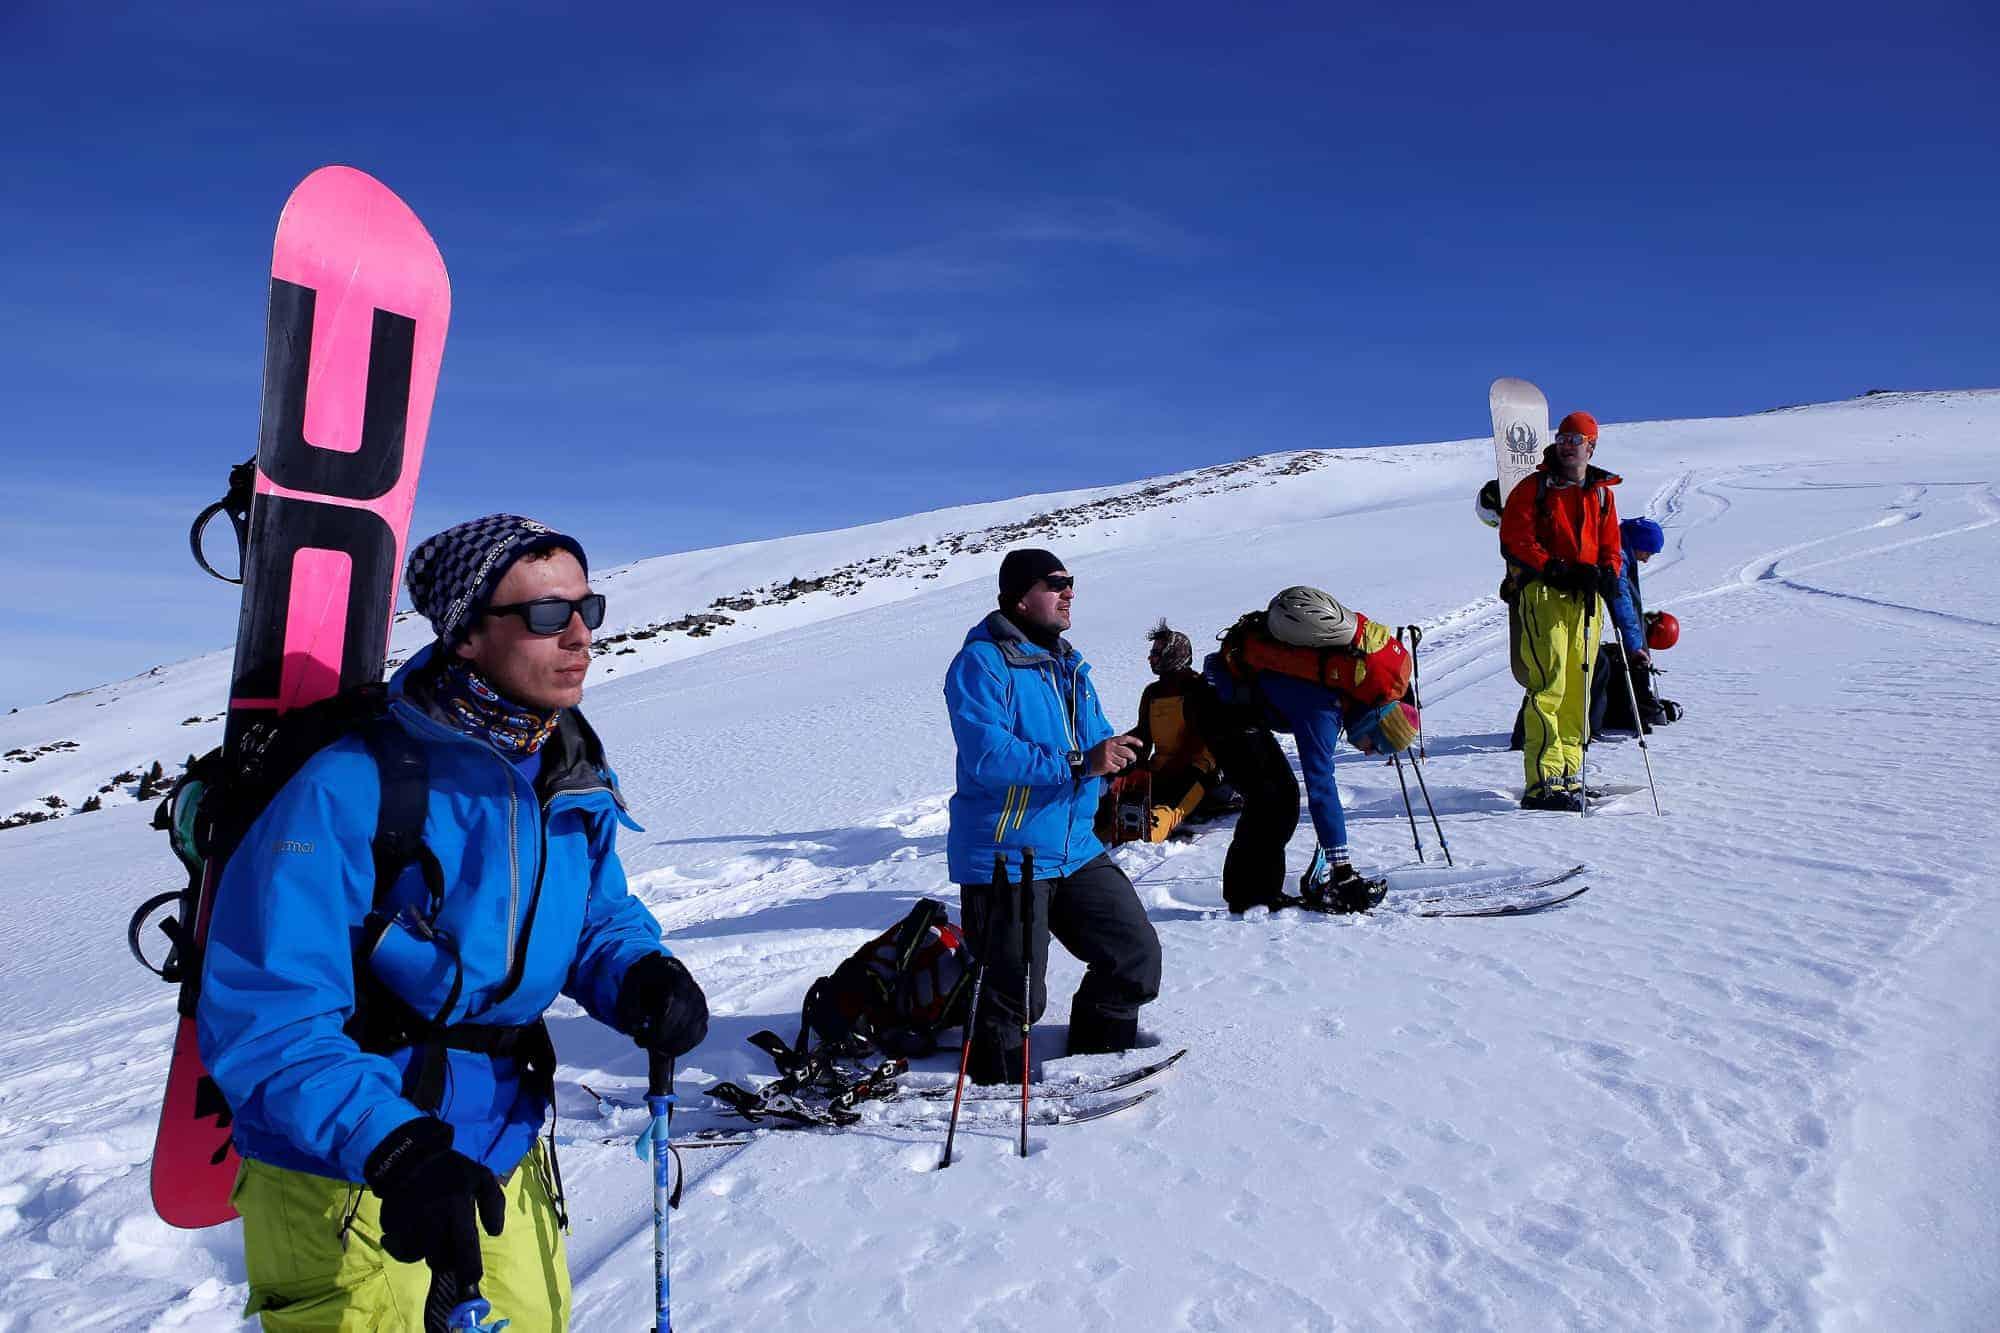 Jyrgalan Freeride Snowboarding